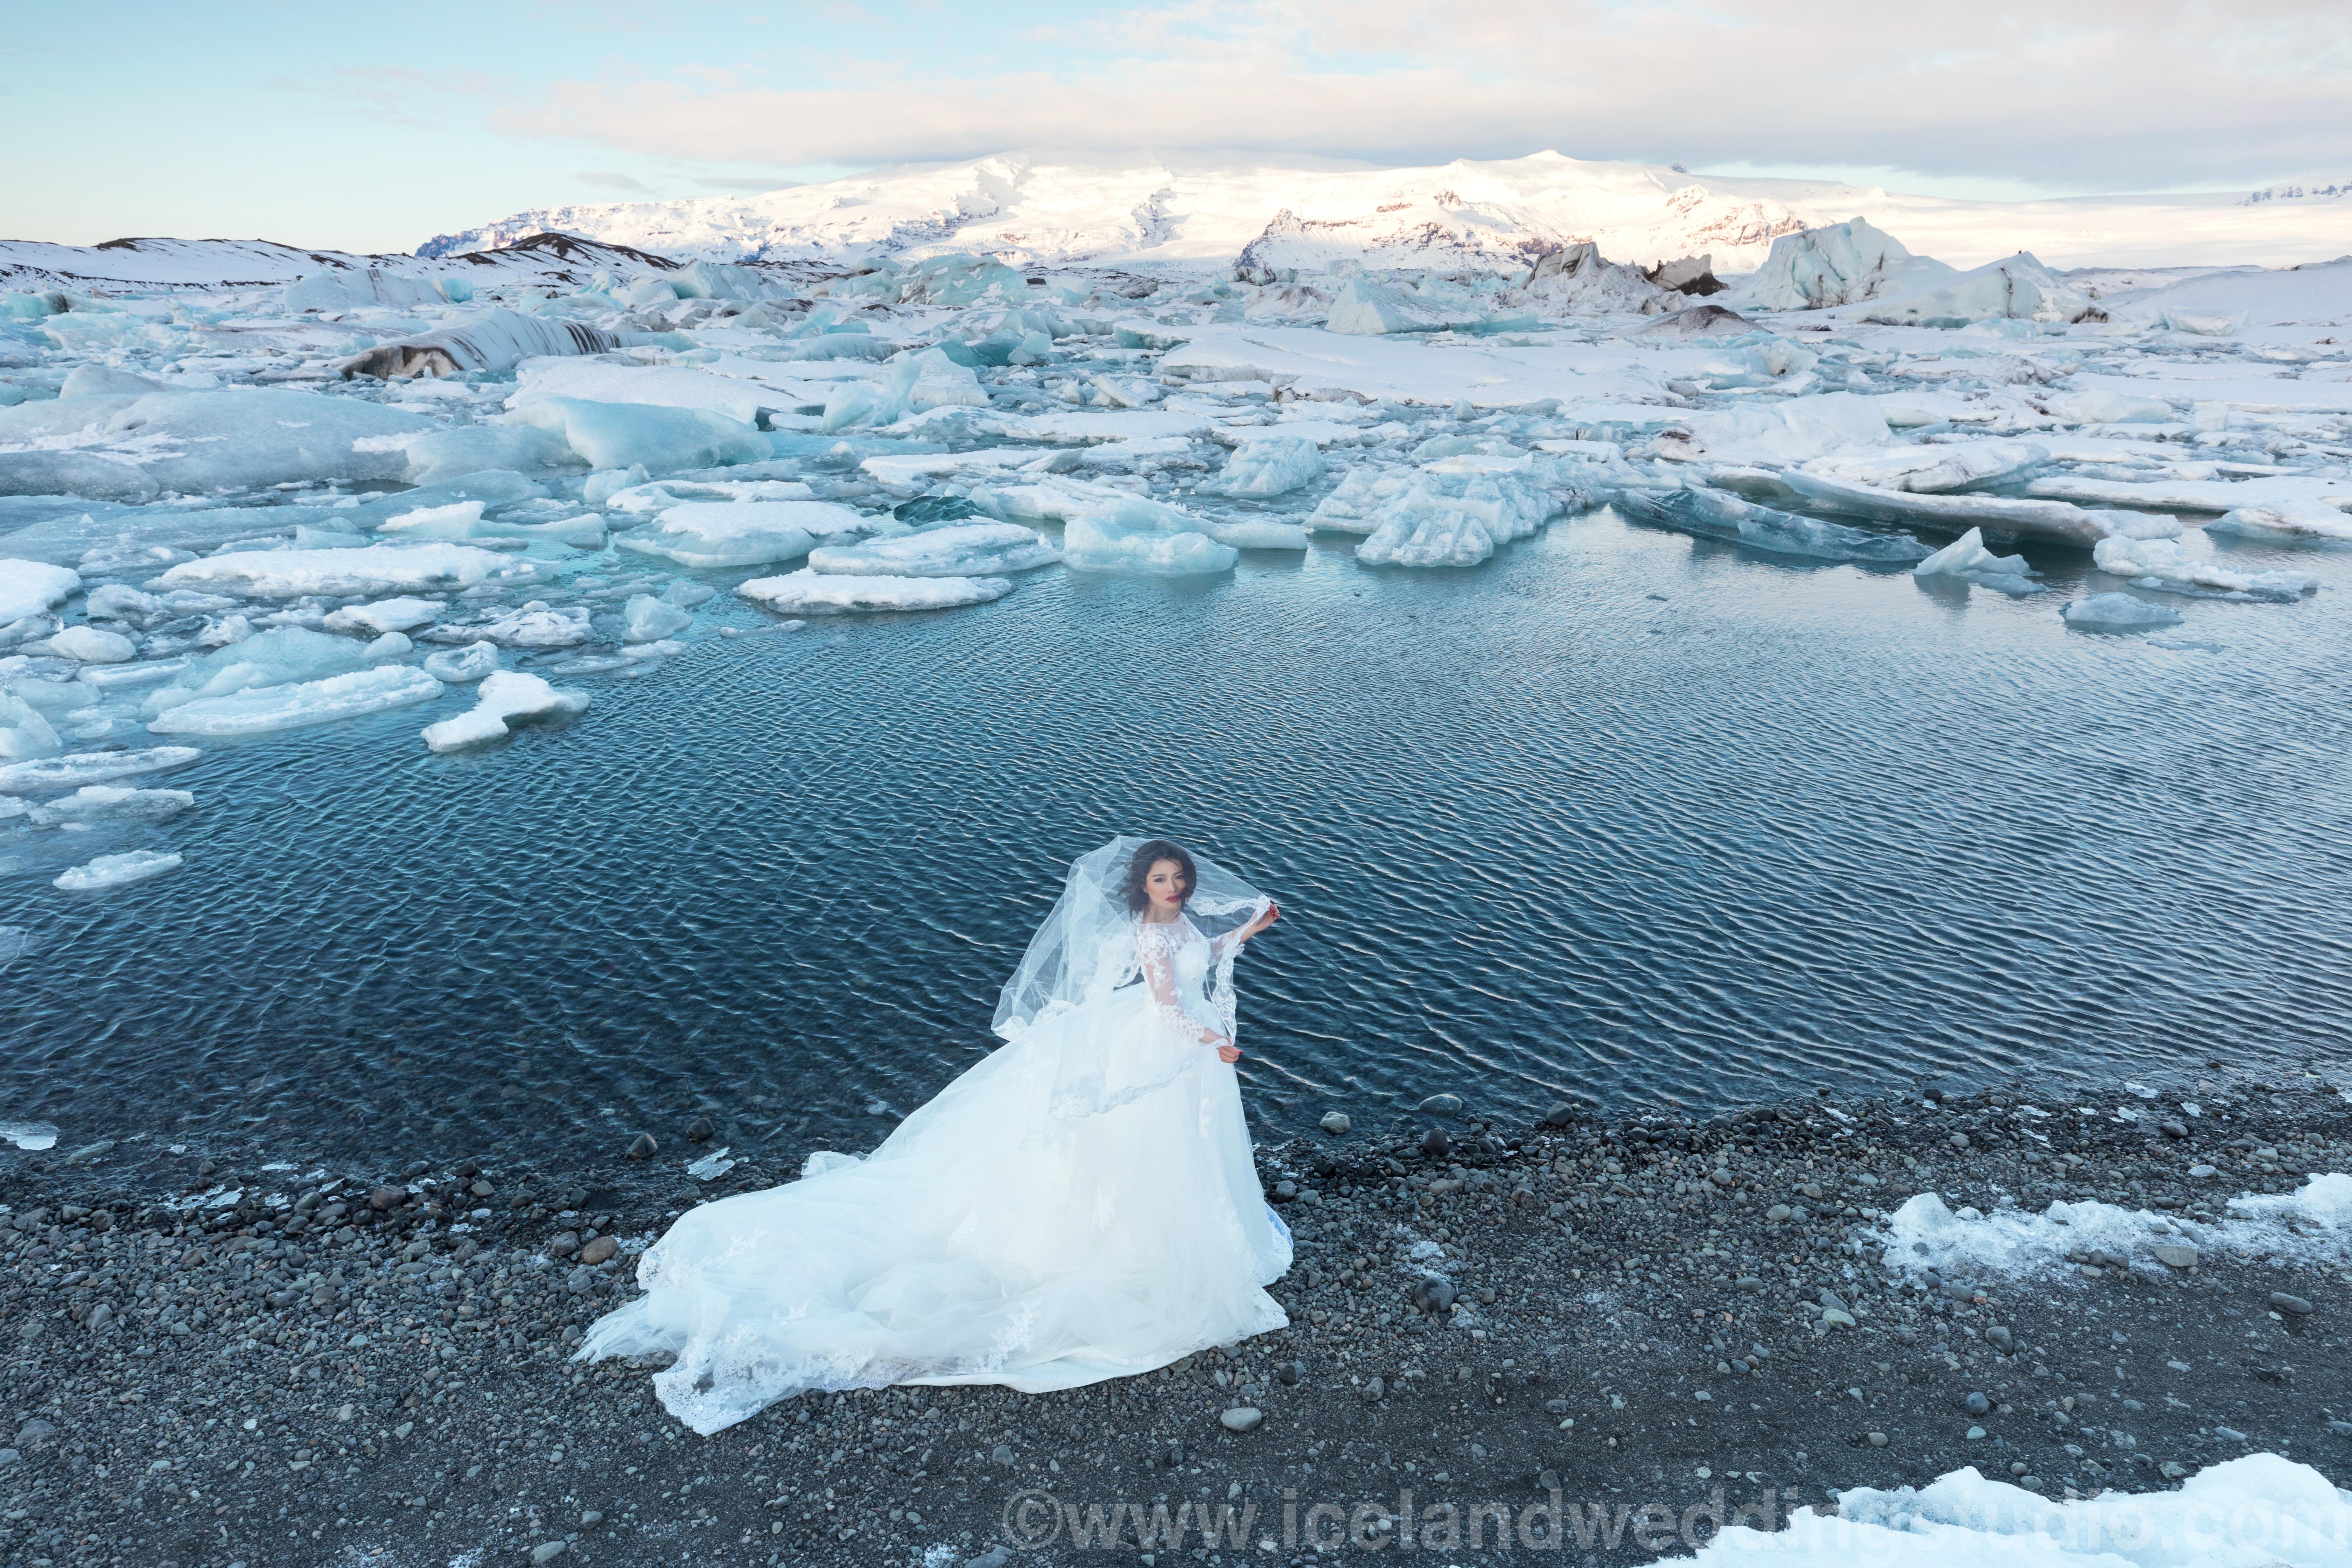 杰古沙龙冰河湖,冰岛婚纱照